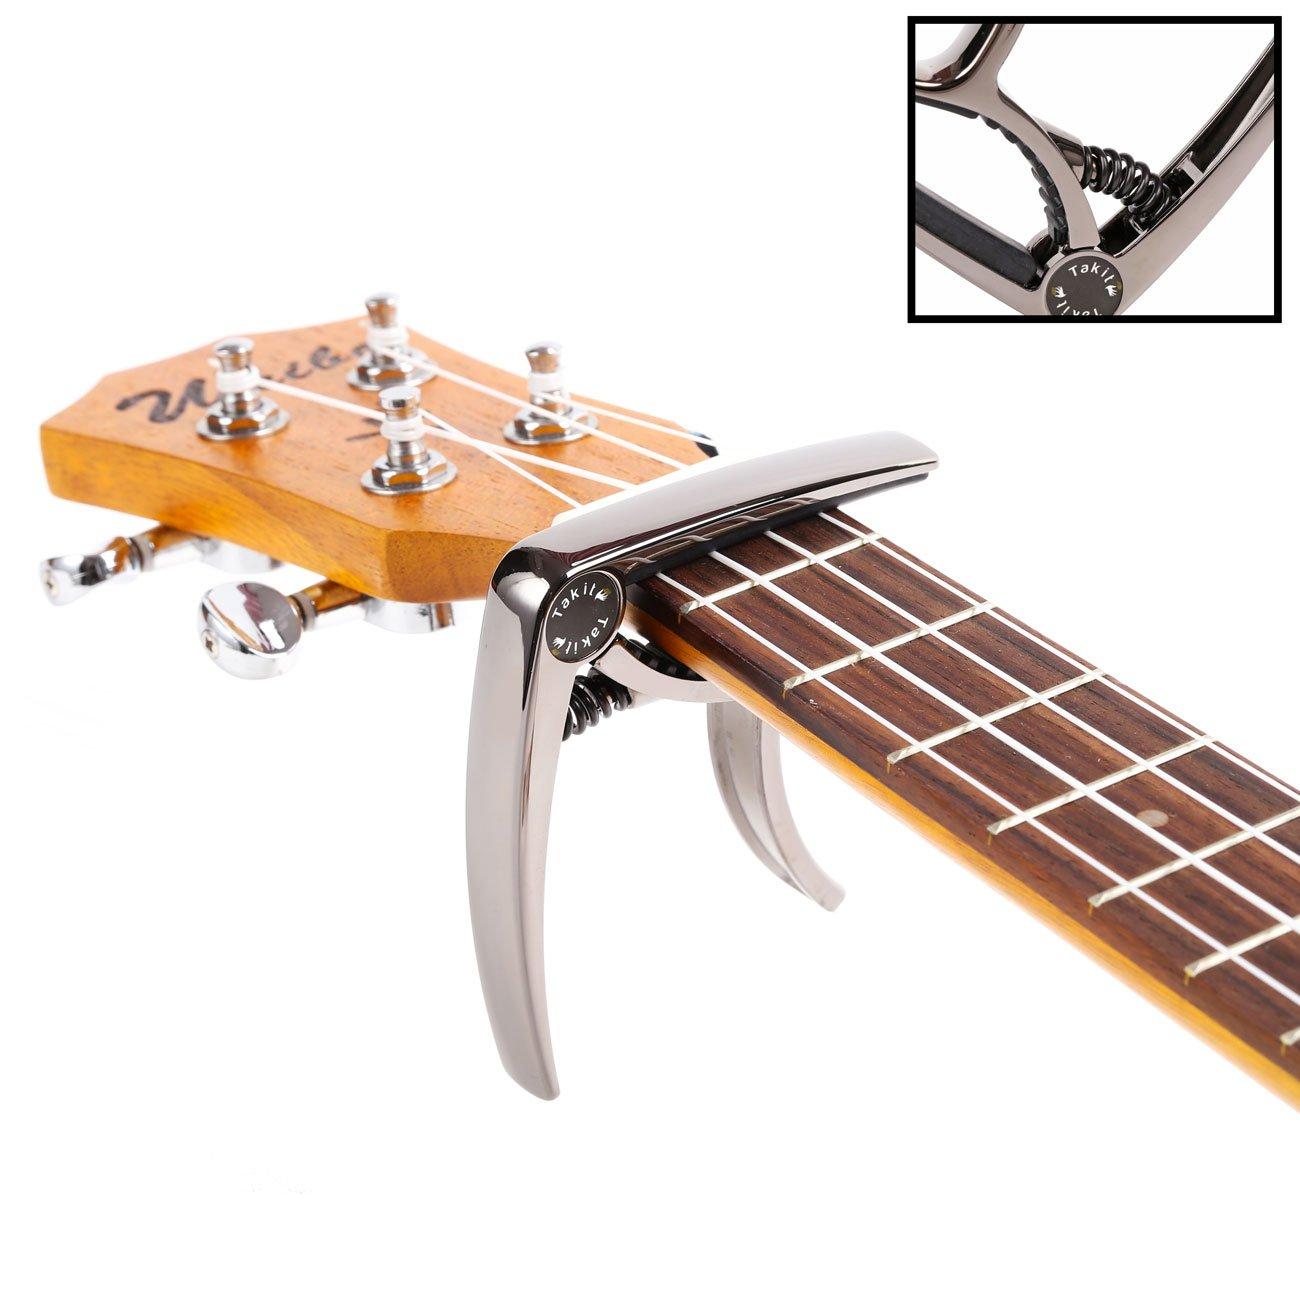 TAKIT Cejilla para Guitarra Acústica y Eléctrica – Apta para Ukelele, Banjo y Mandolina – Profesional, Alto Rendimiento, Manejo Con Una Sola Mano Estilo Gatillo fabricada con Aleación de Zinc – Plata GC4